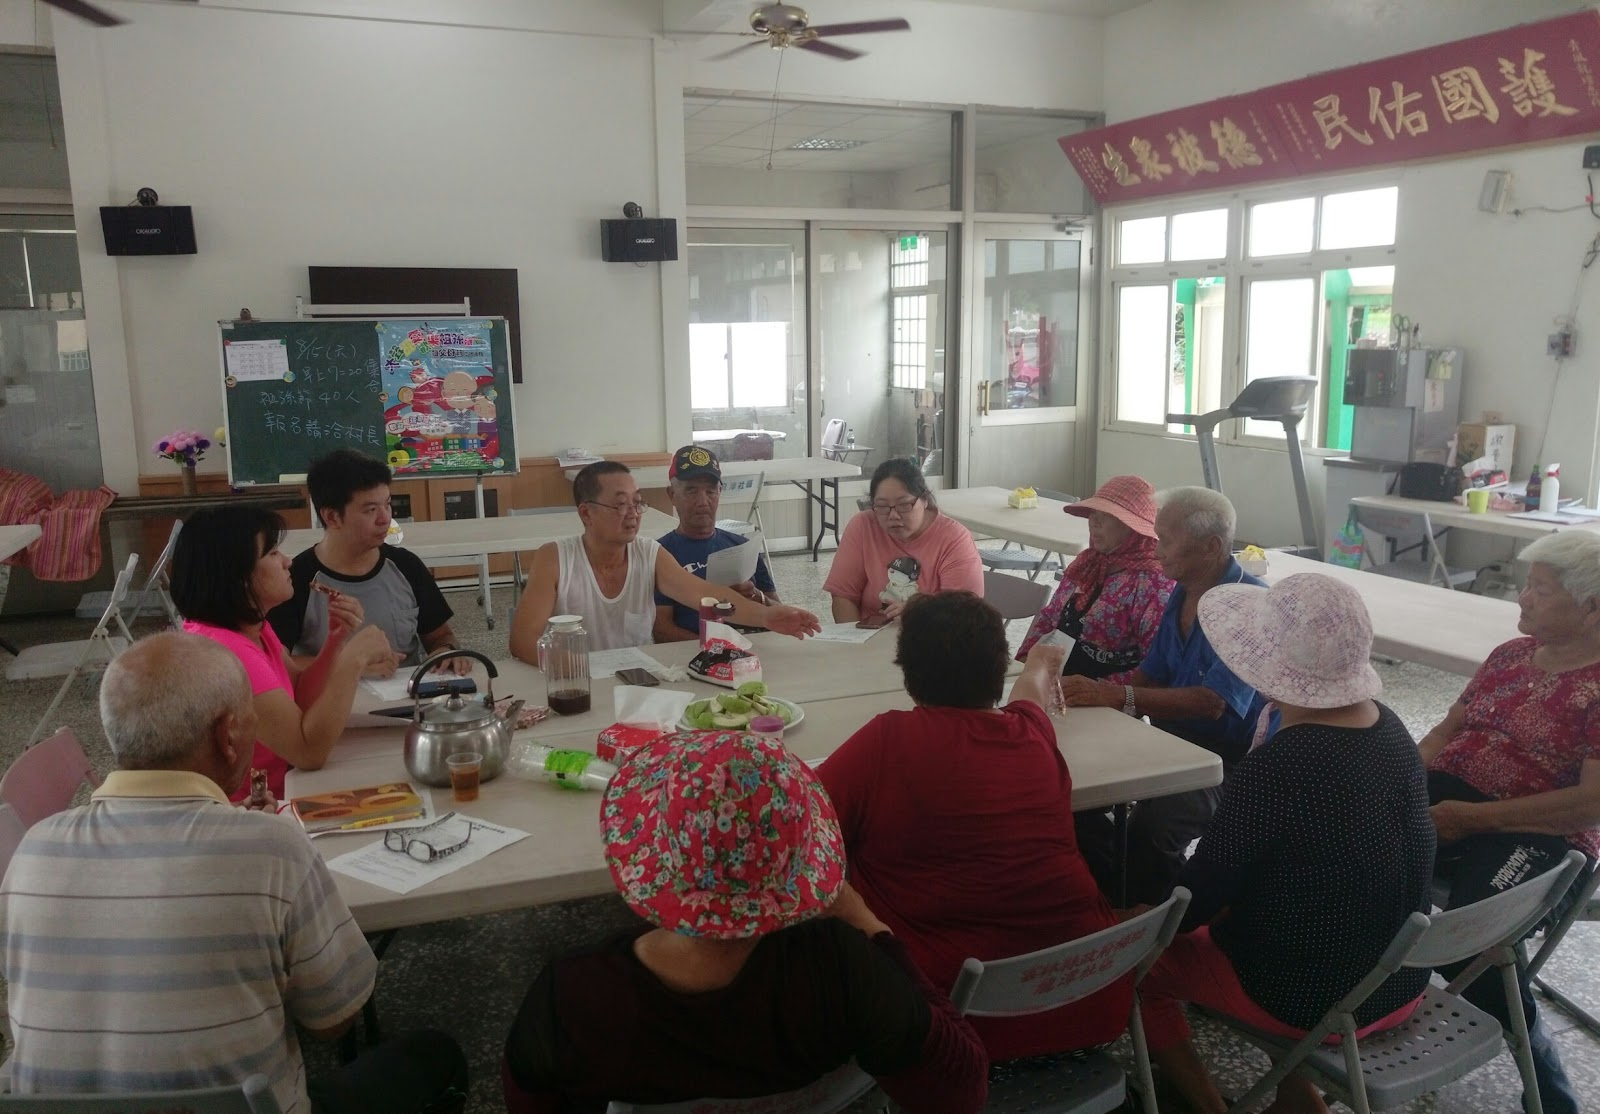 為什麼需要村民們一同來擔任共餐志工?